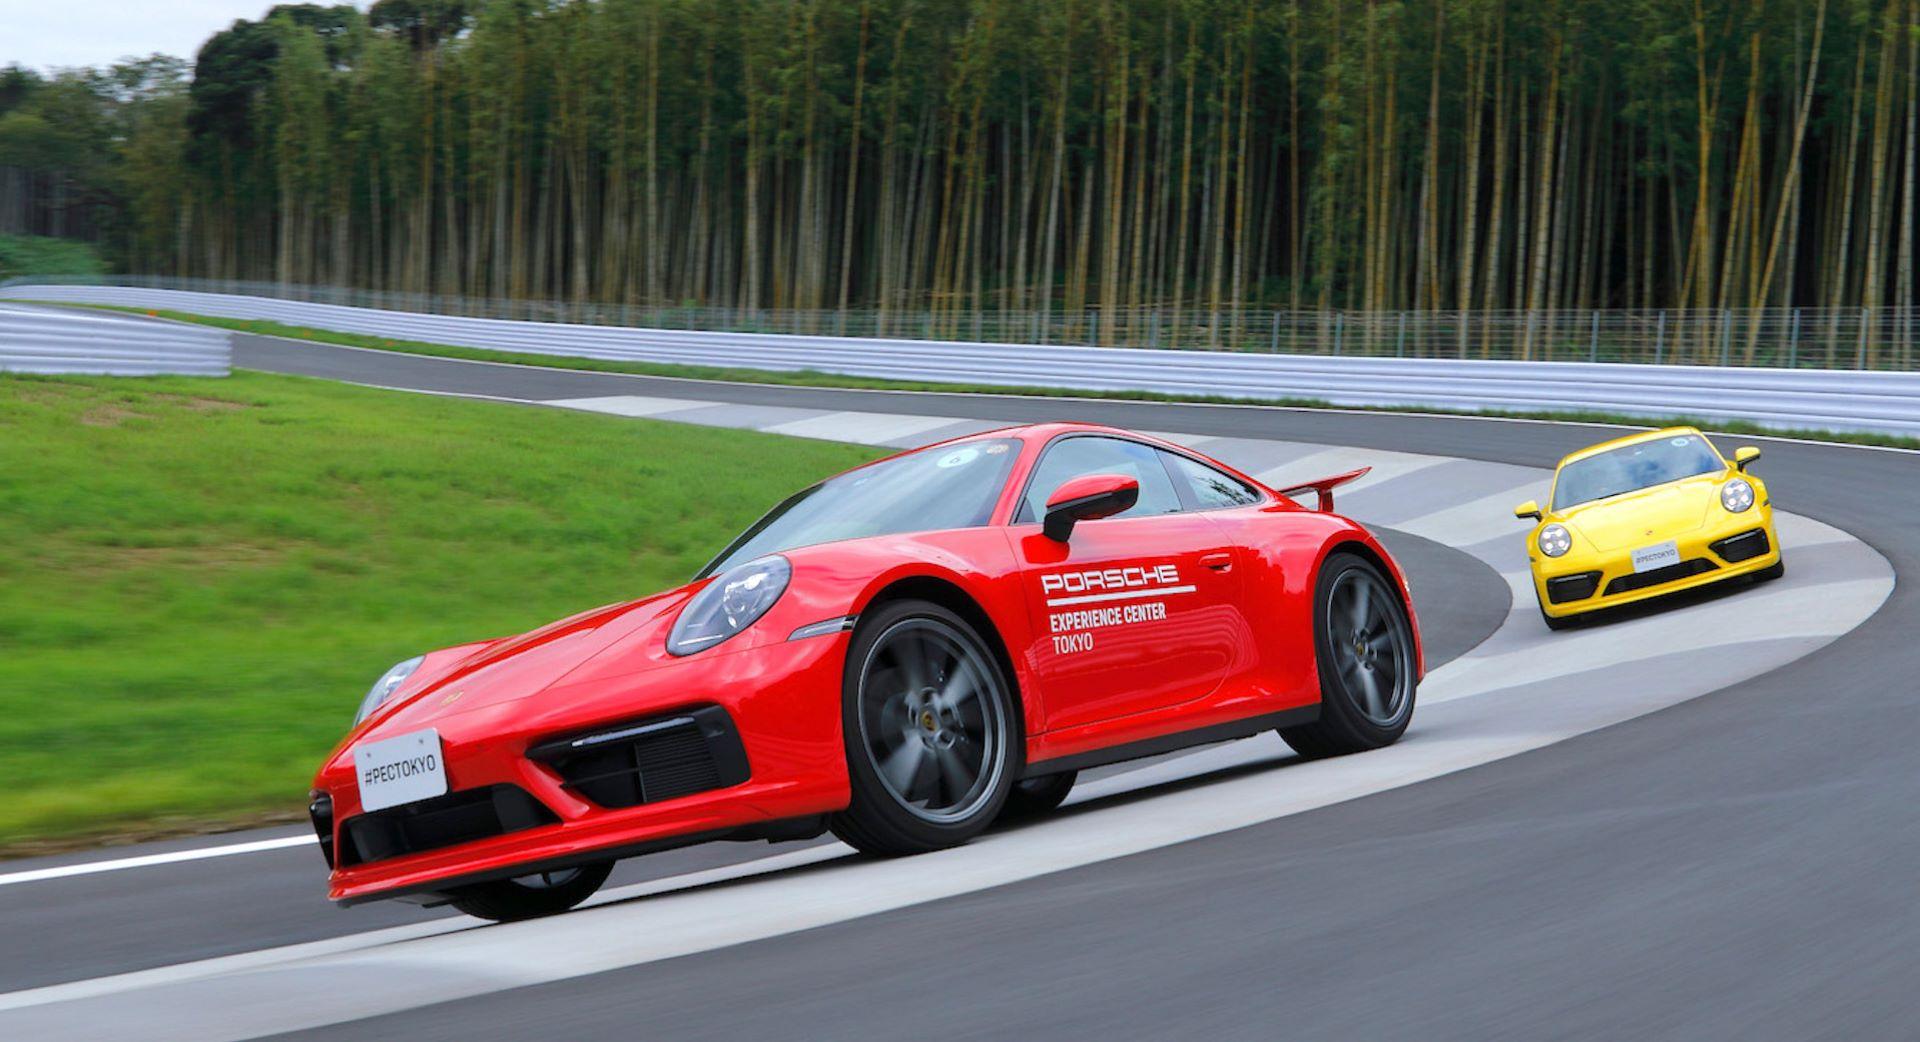 Tokyo-Porsche-Experience-Center-1